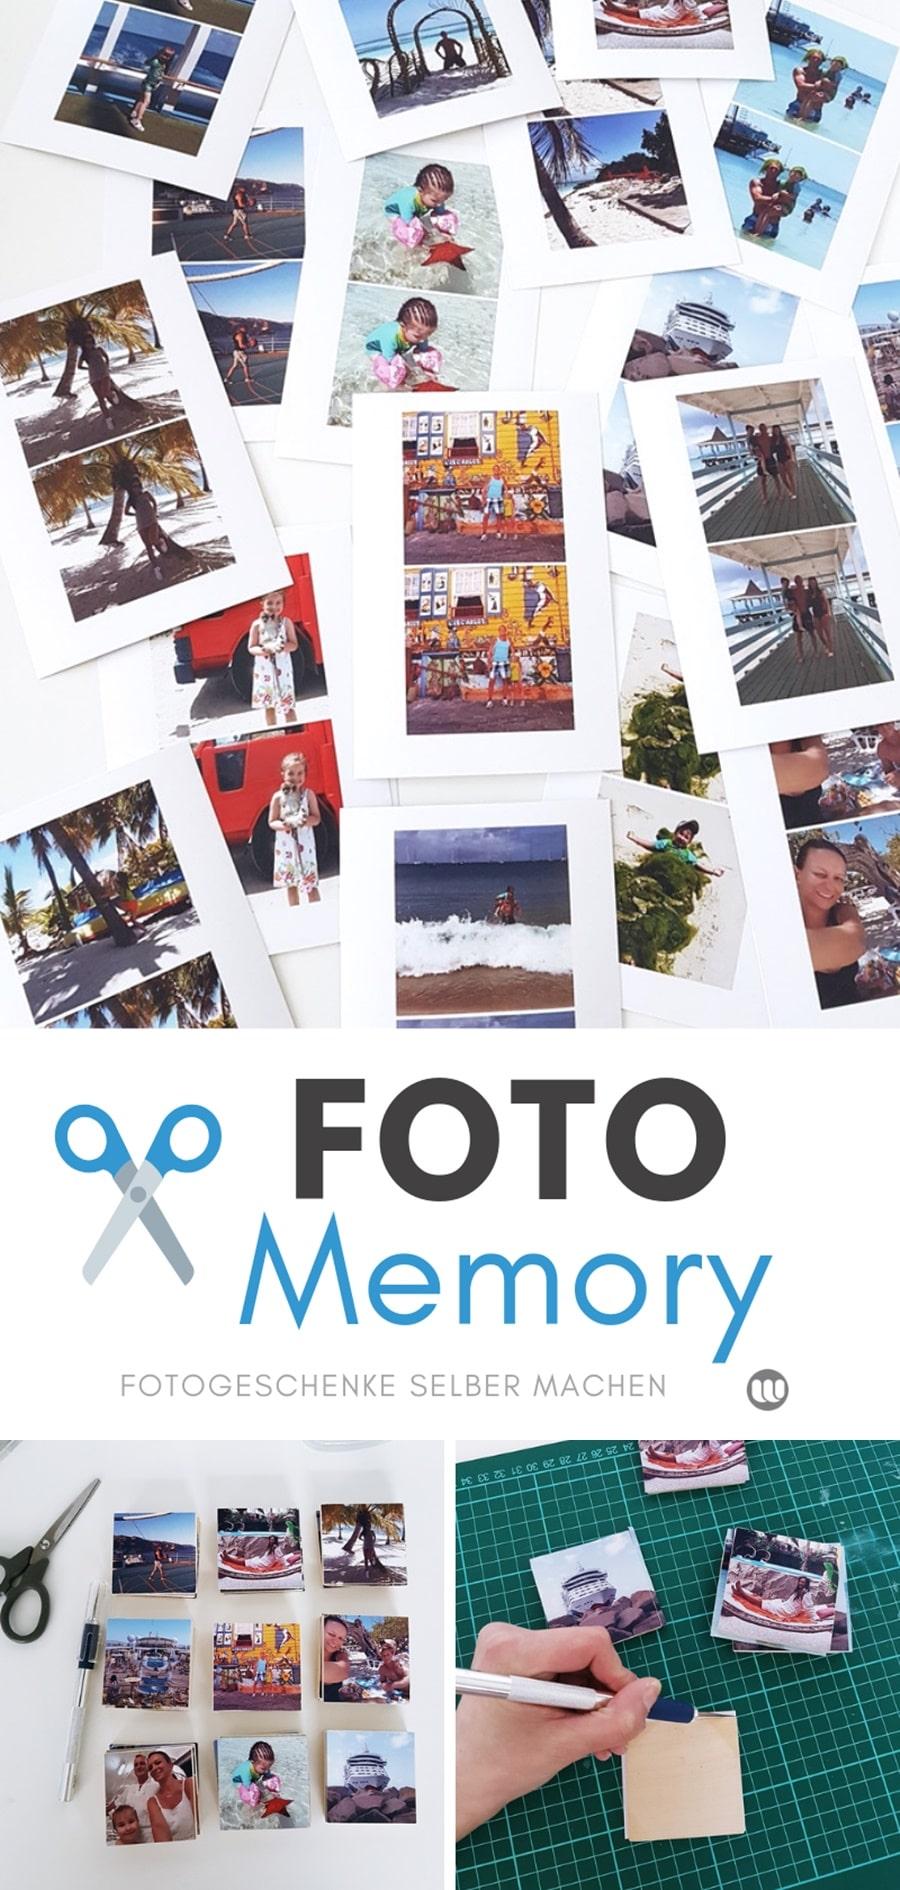 Foto-Memory selbst gestalten: So wirds gemacht 2